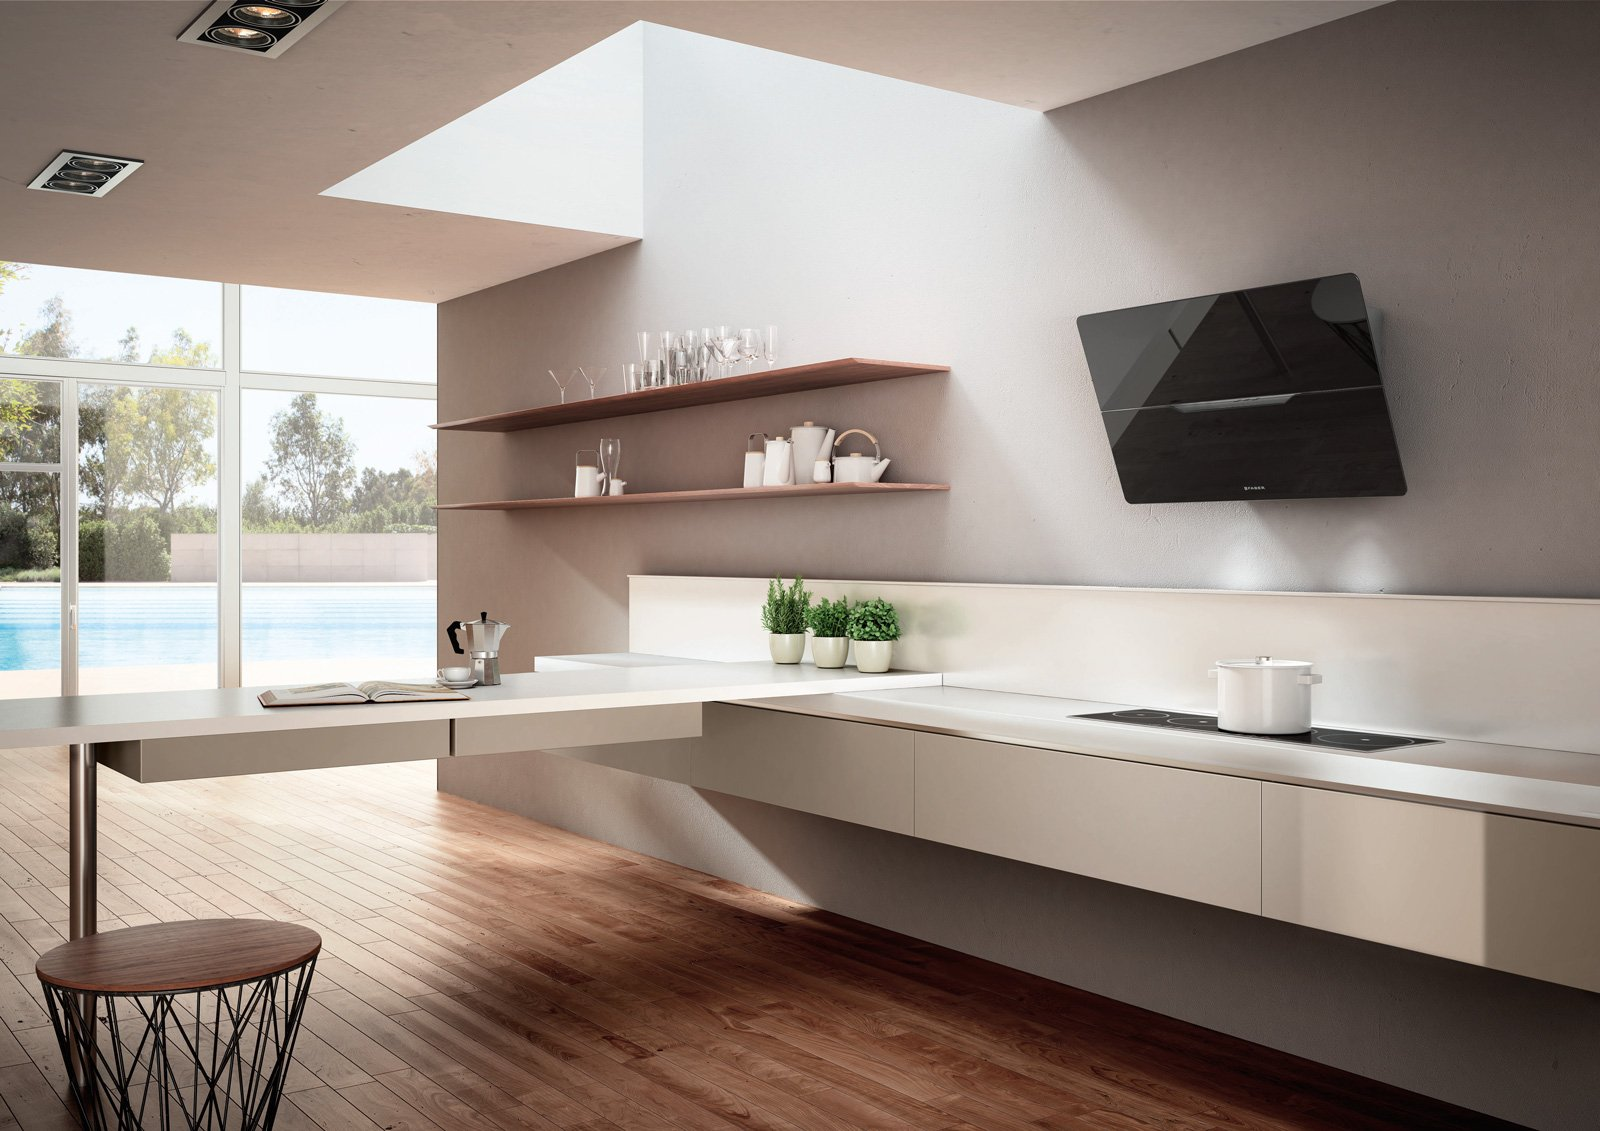 Cappe silenziose per la cucina cose di casa - Cappa di aspirazione cucina ...